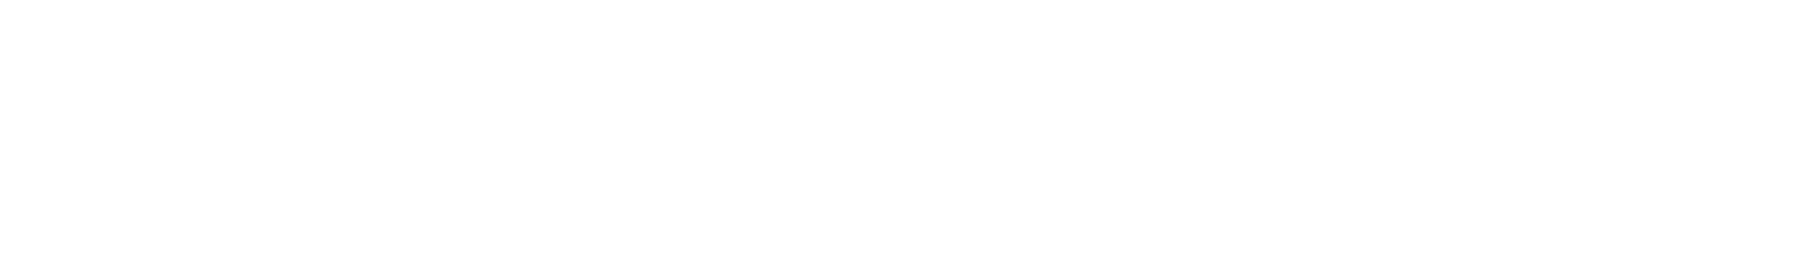 pth synth 13b